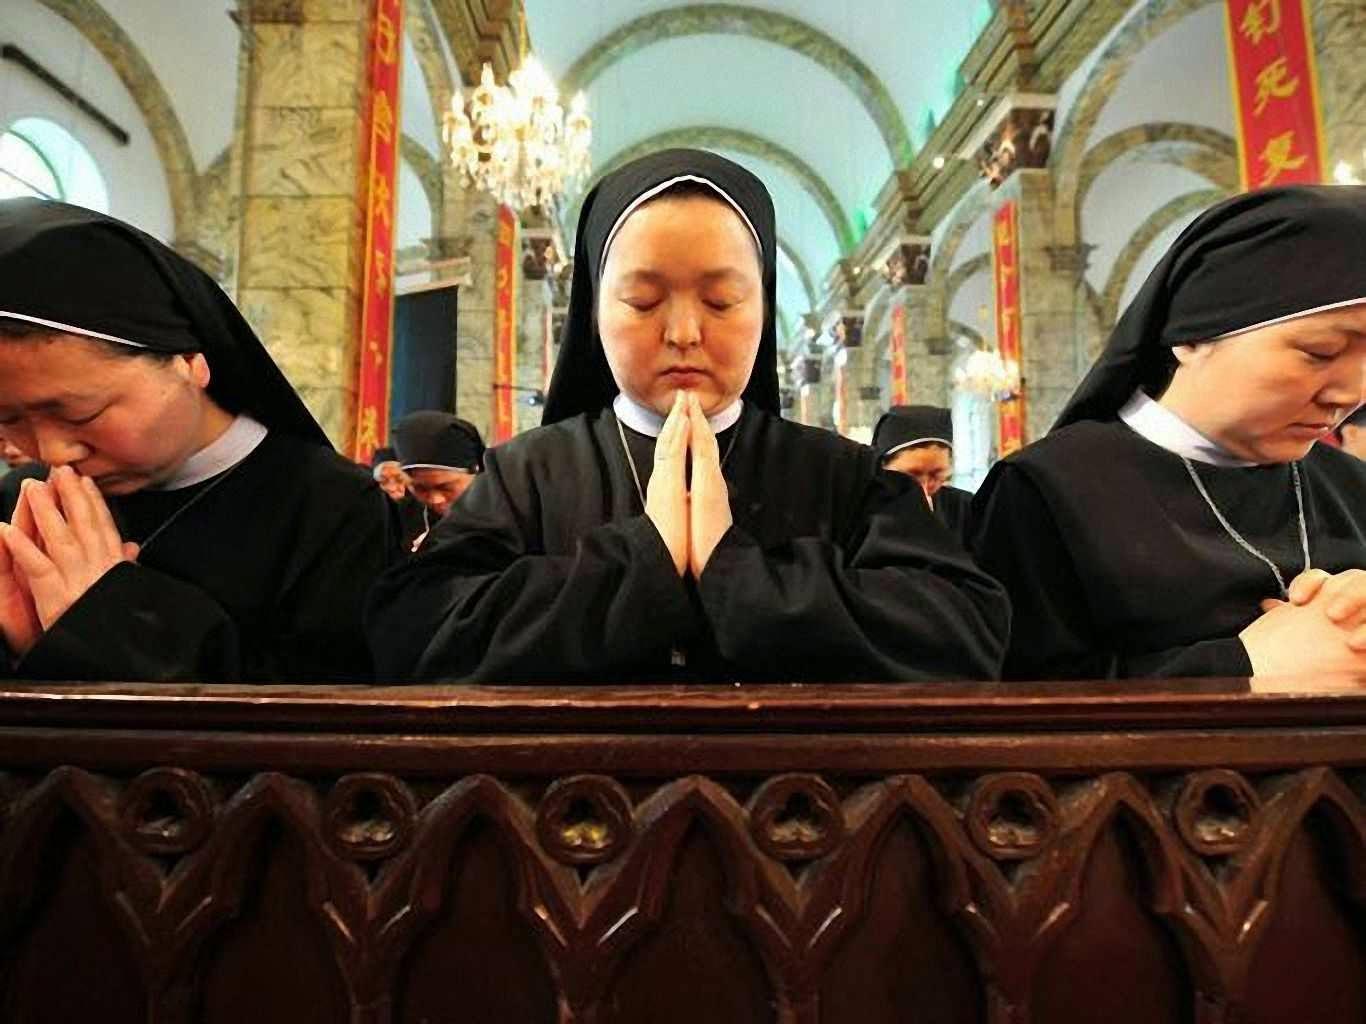 Freiras na China.  Conversões e vocações crescem contra a vontade do governo